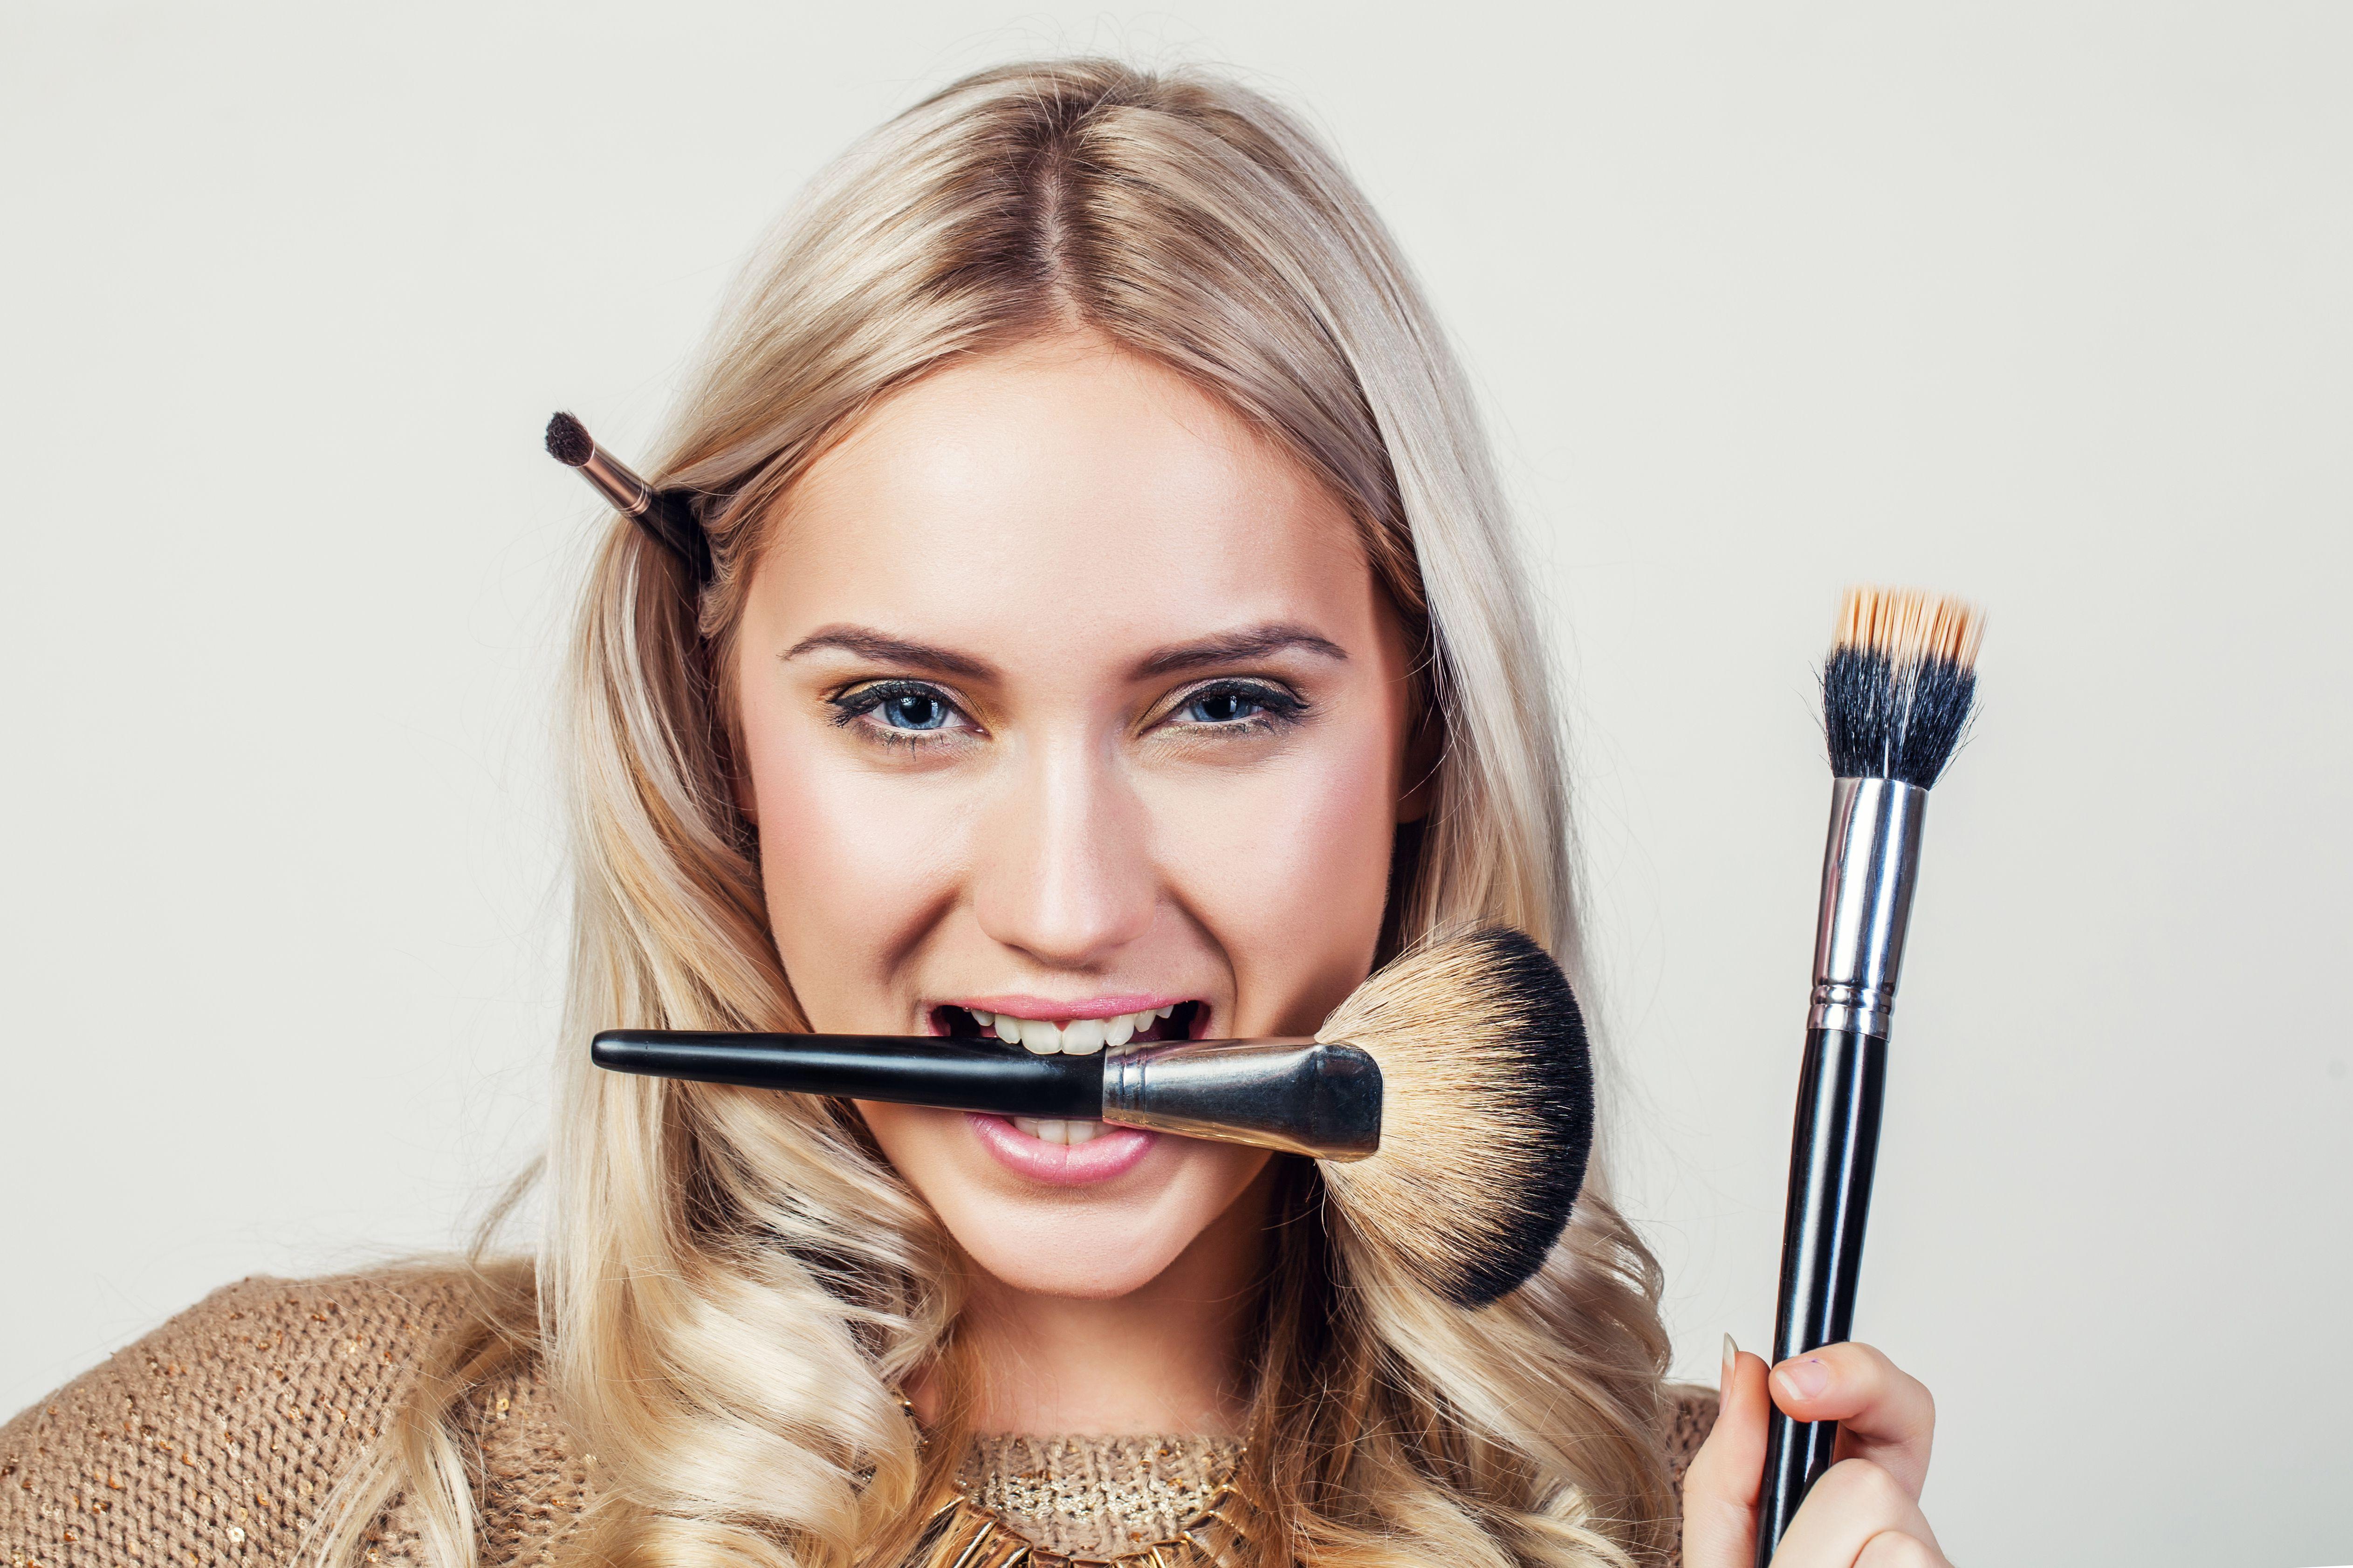 Zablude o šminkanju u koje trebamo prestati vjerovati